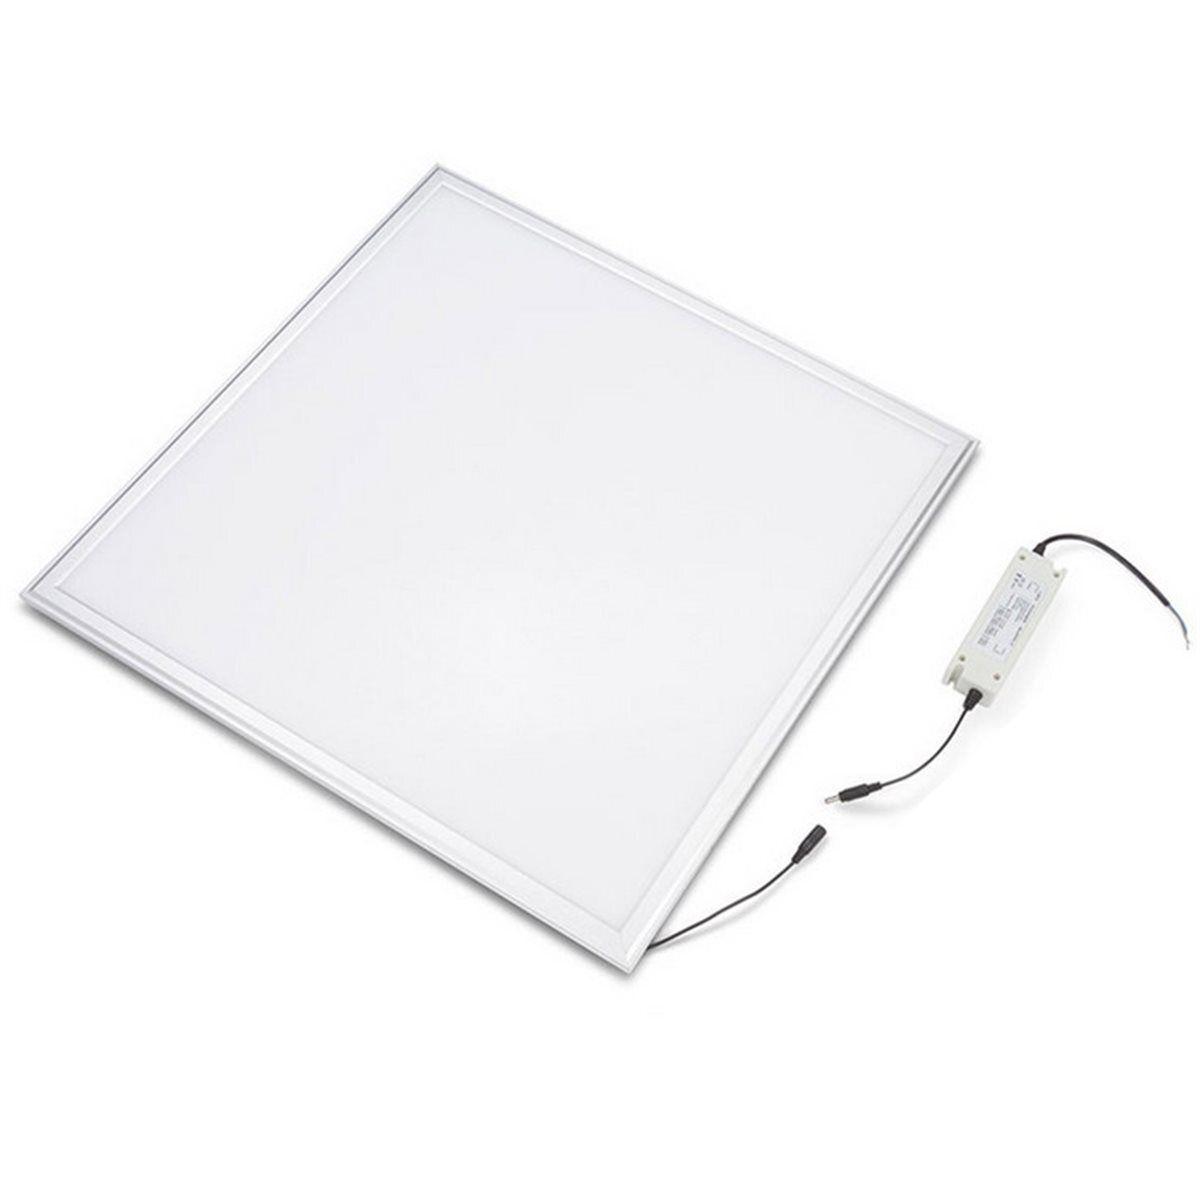 4 светодиодных панелей 60x60см 48Вт Extra Flat (Neu)